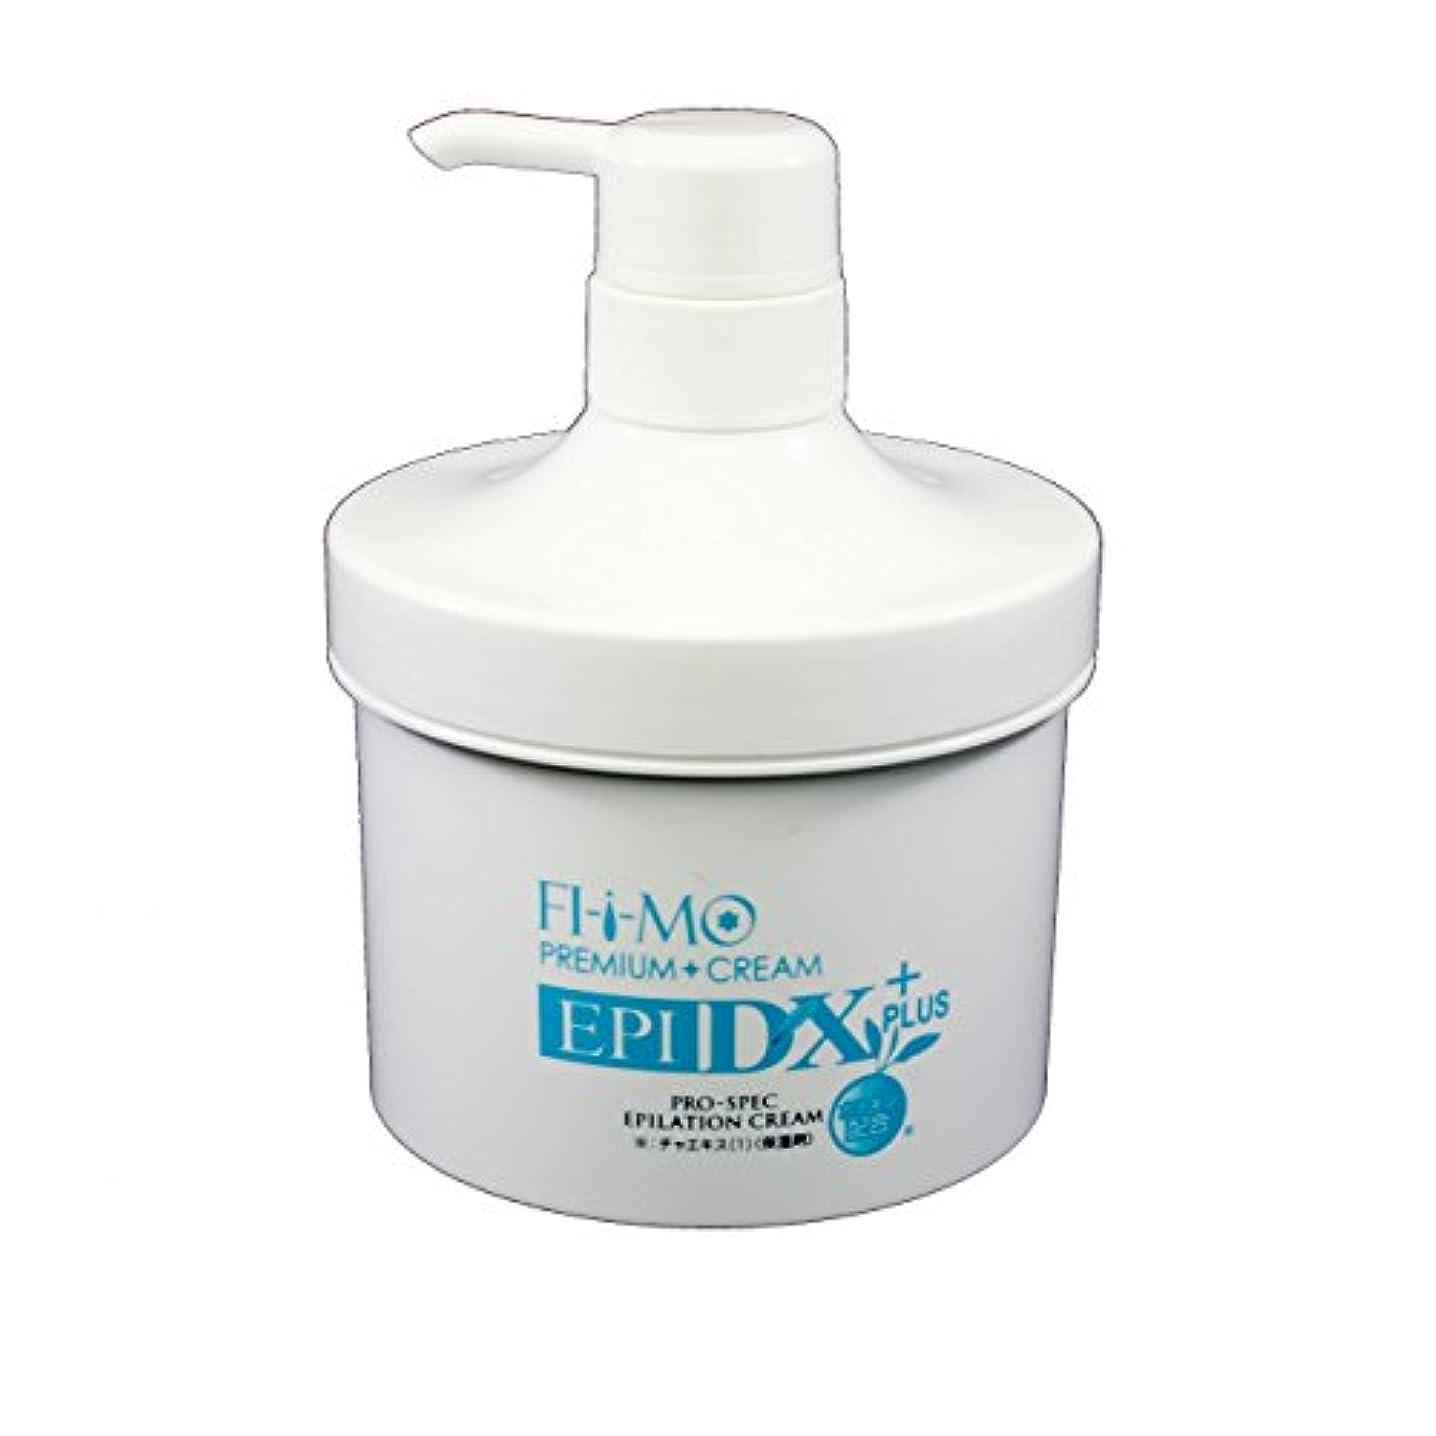 横たわるデコラティブスキャンダラス男女兼用除毛クリーム FI-i-MO エピDX PLUS 500g